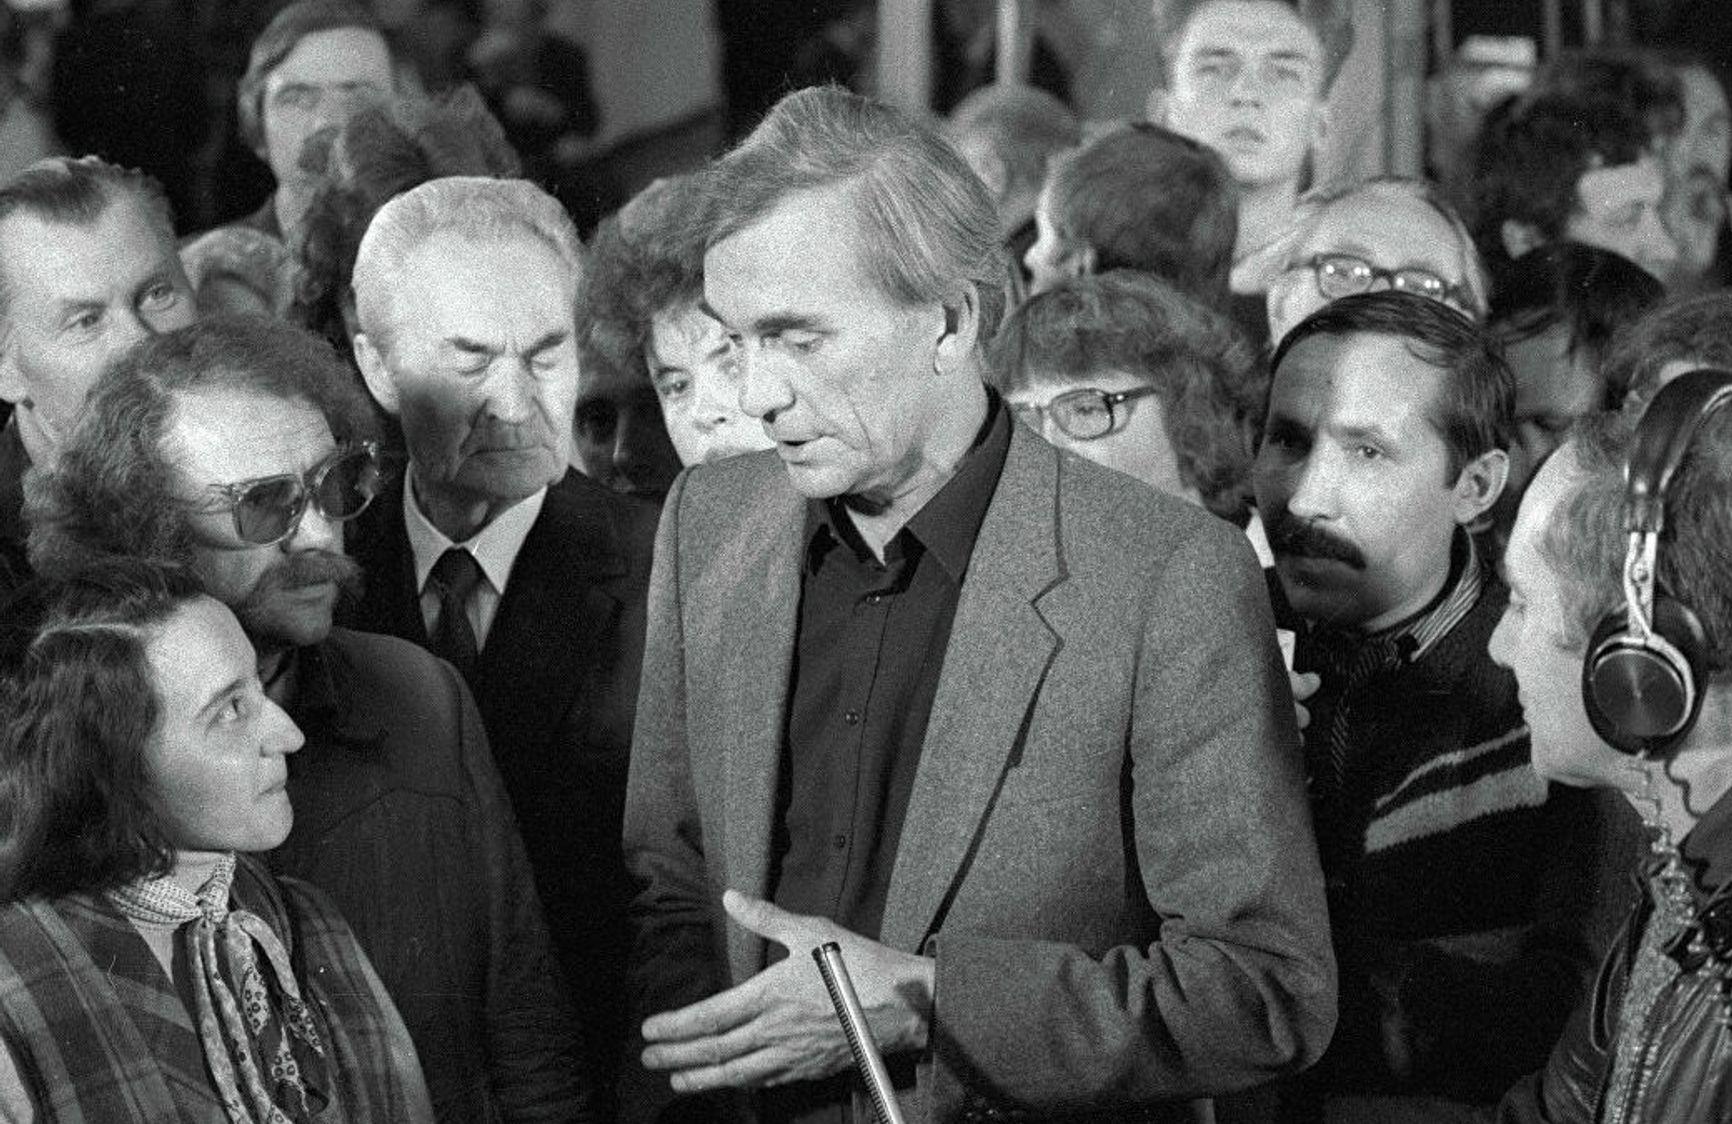 Элем Климов - первый секретарь перестроечного Союза кинематографистов